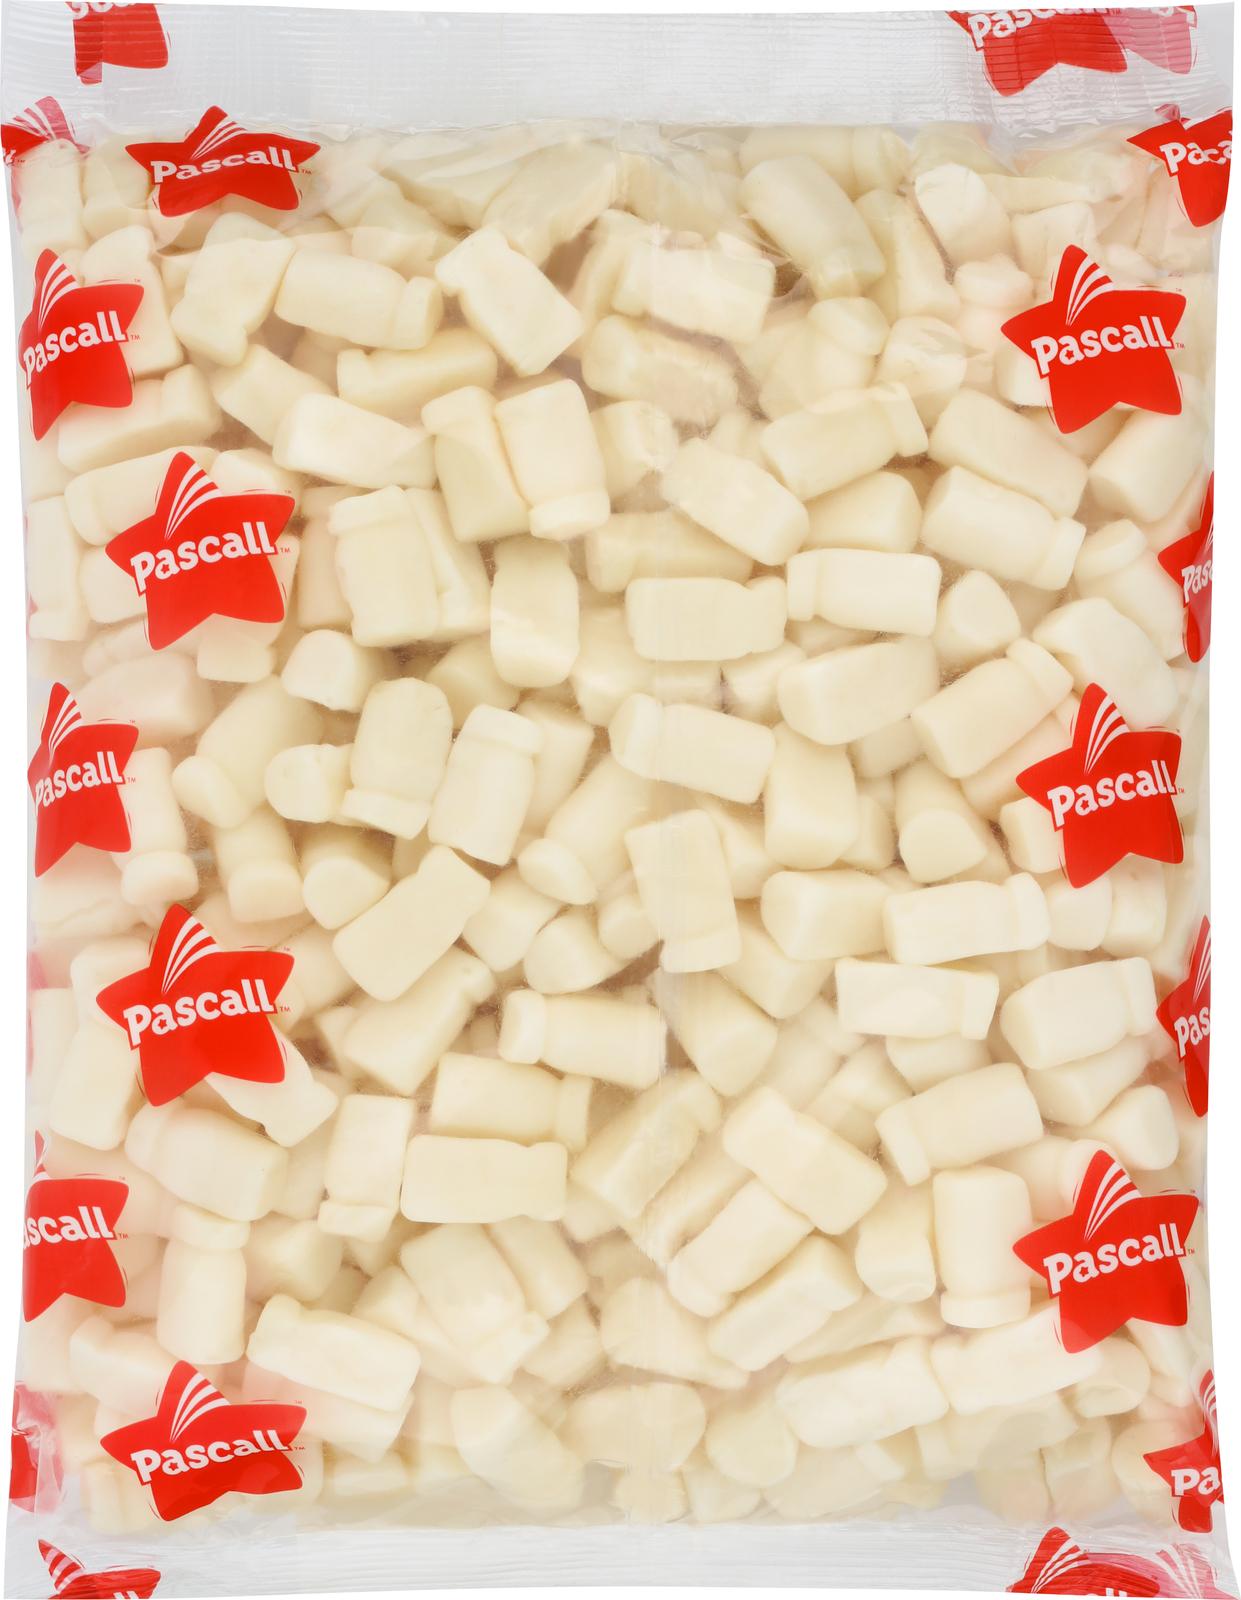 Pascall Milk Bottles Bulk Bag 2kg image